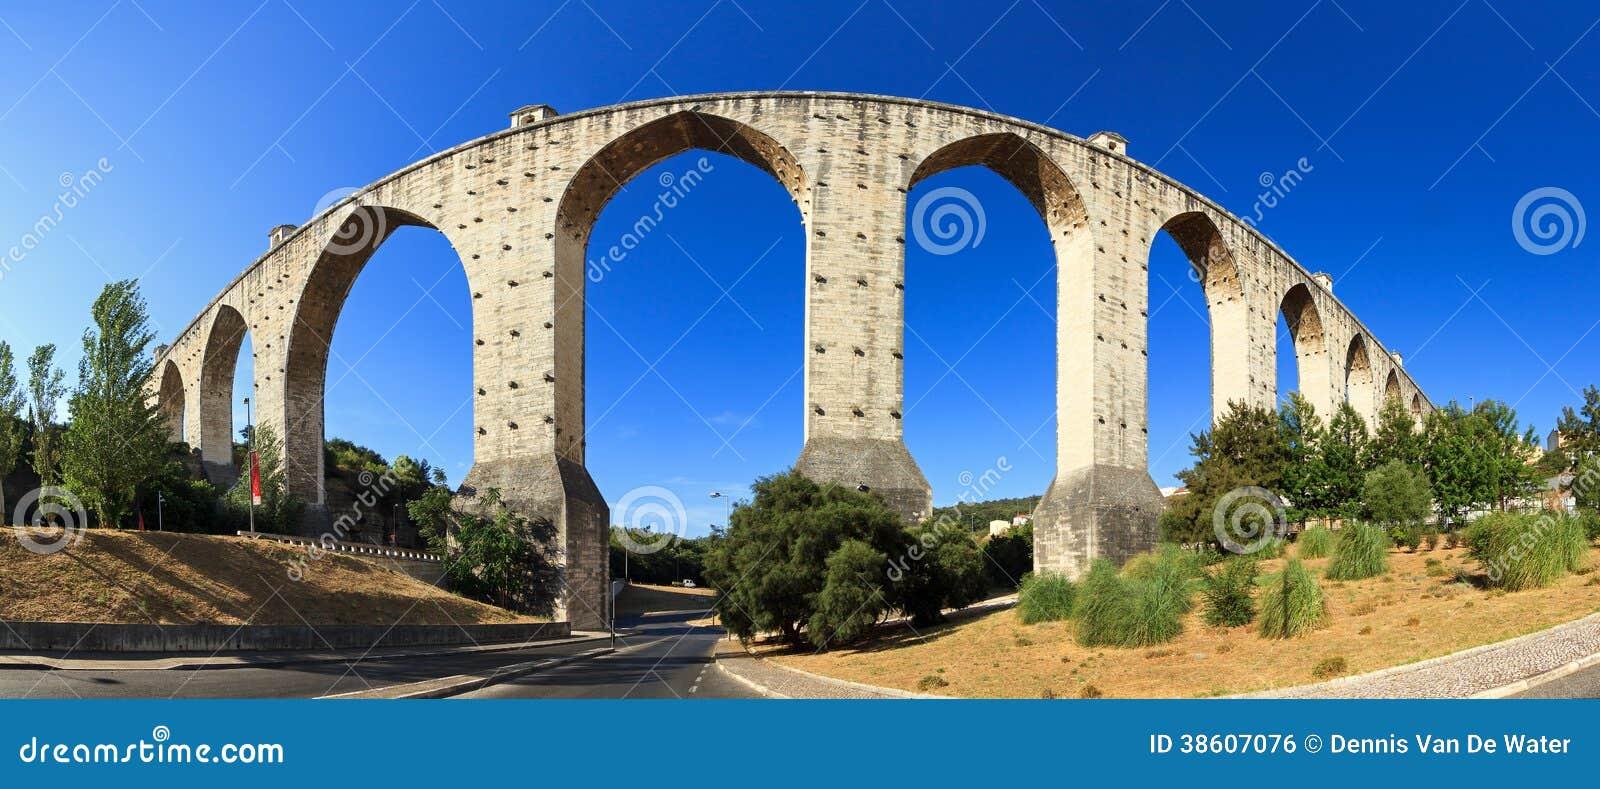 Aquaductpanorama